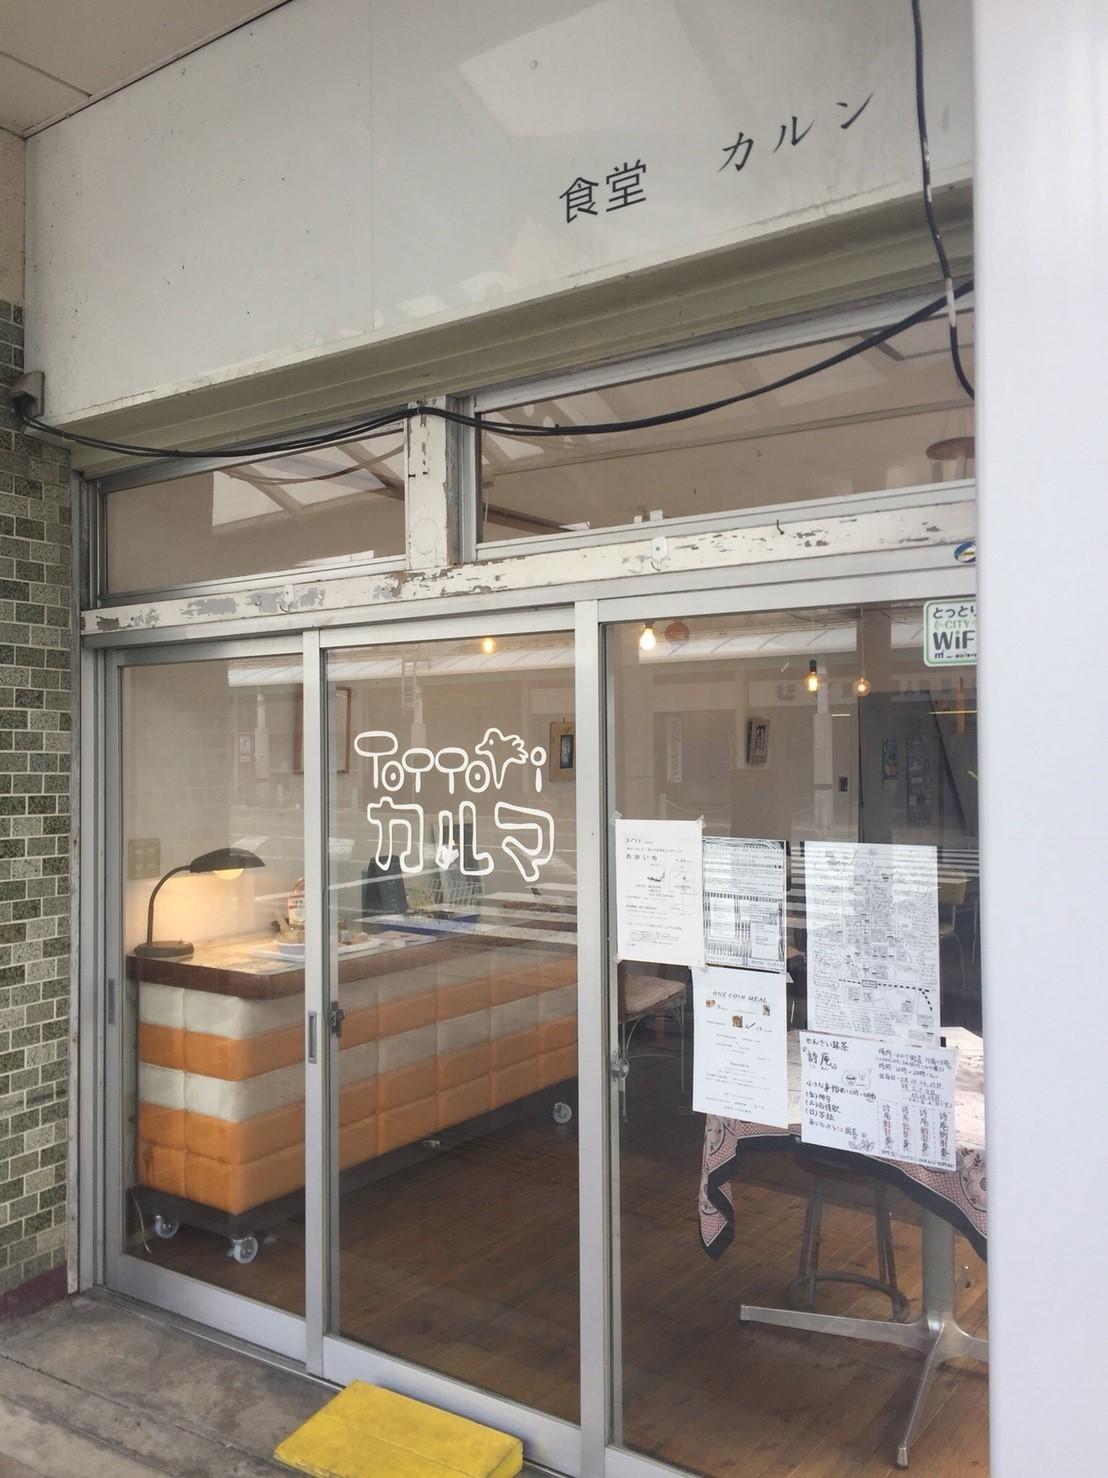 Tottoriカルマ まるなげ食堂_e0115904_17210085.jpg